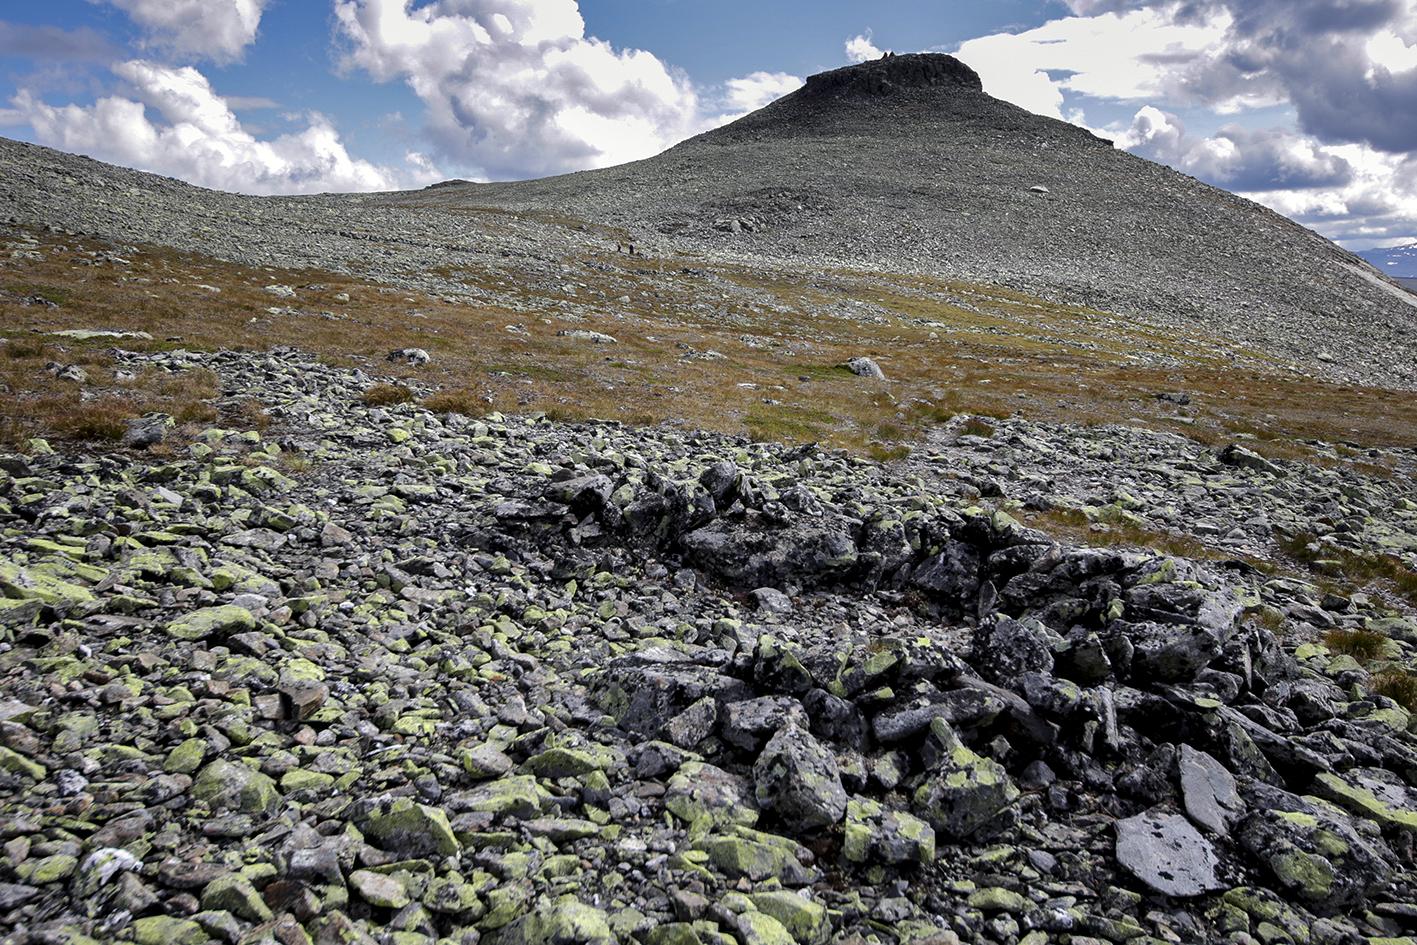 Bogastille i nærleiken av Kruk, i bakgrunnen ser me Krukknappen. Foto: Kjell Bitustøyl